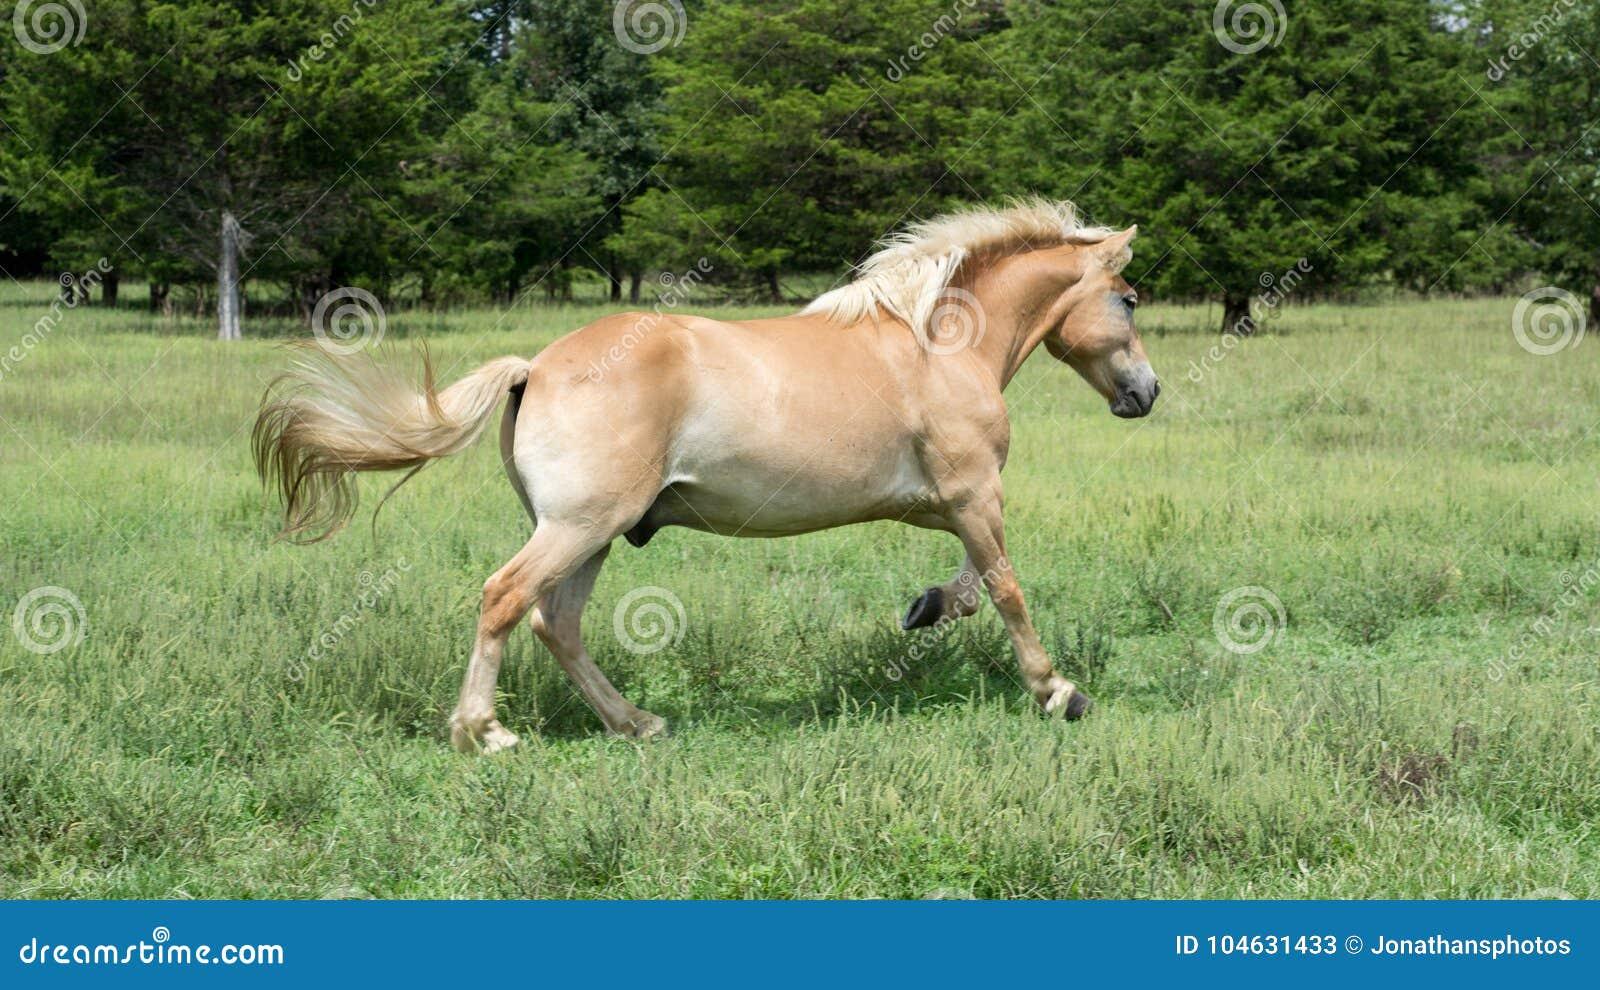 Download Halflingerpaard Die Op Grasrijk Gebied Lopen Stock Afbeelding - Afbeelding bestaande uit zoogdier, mooi: 104631433